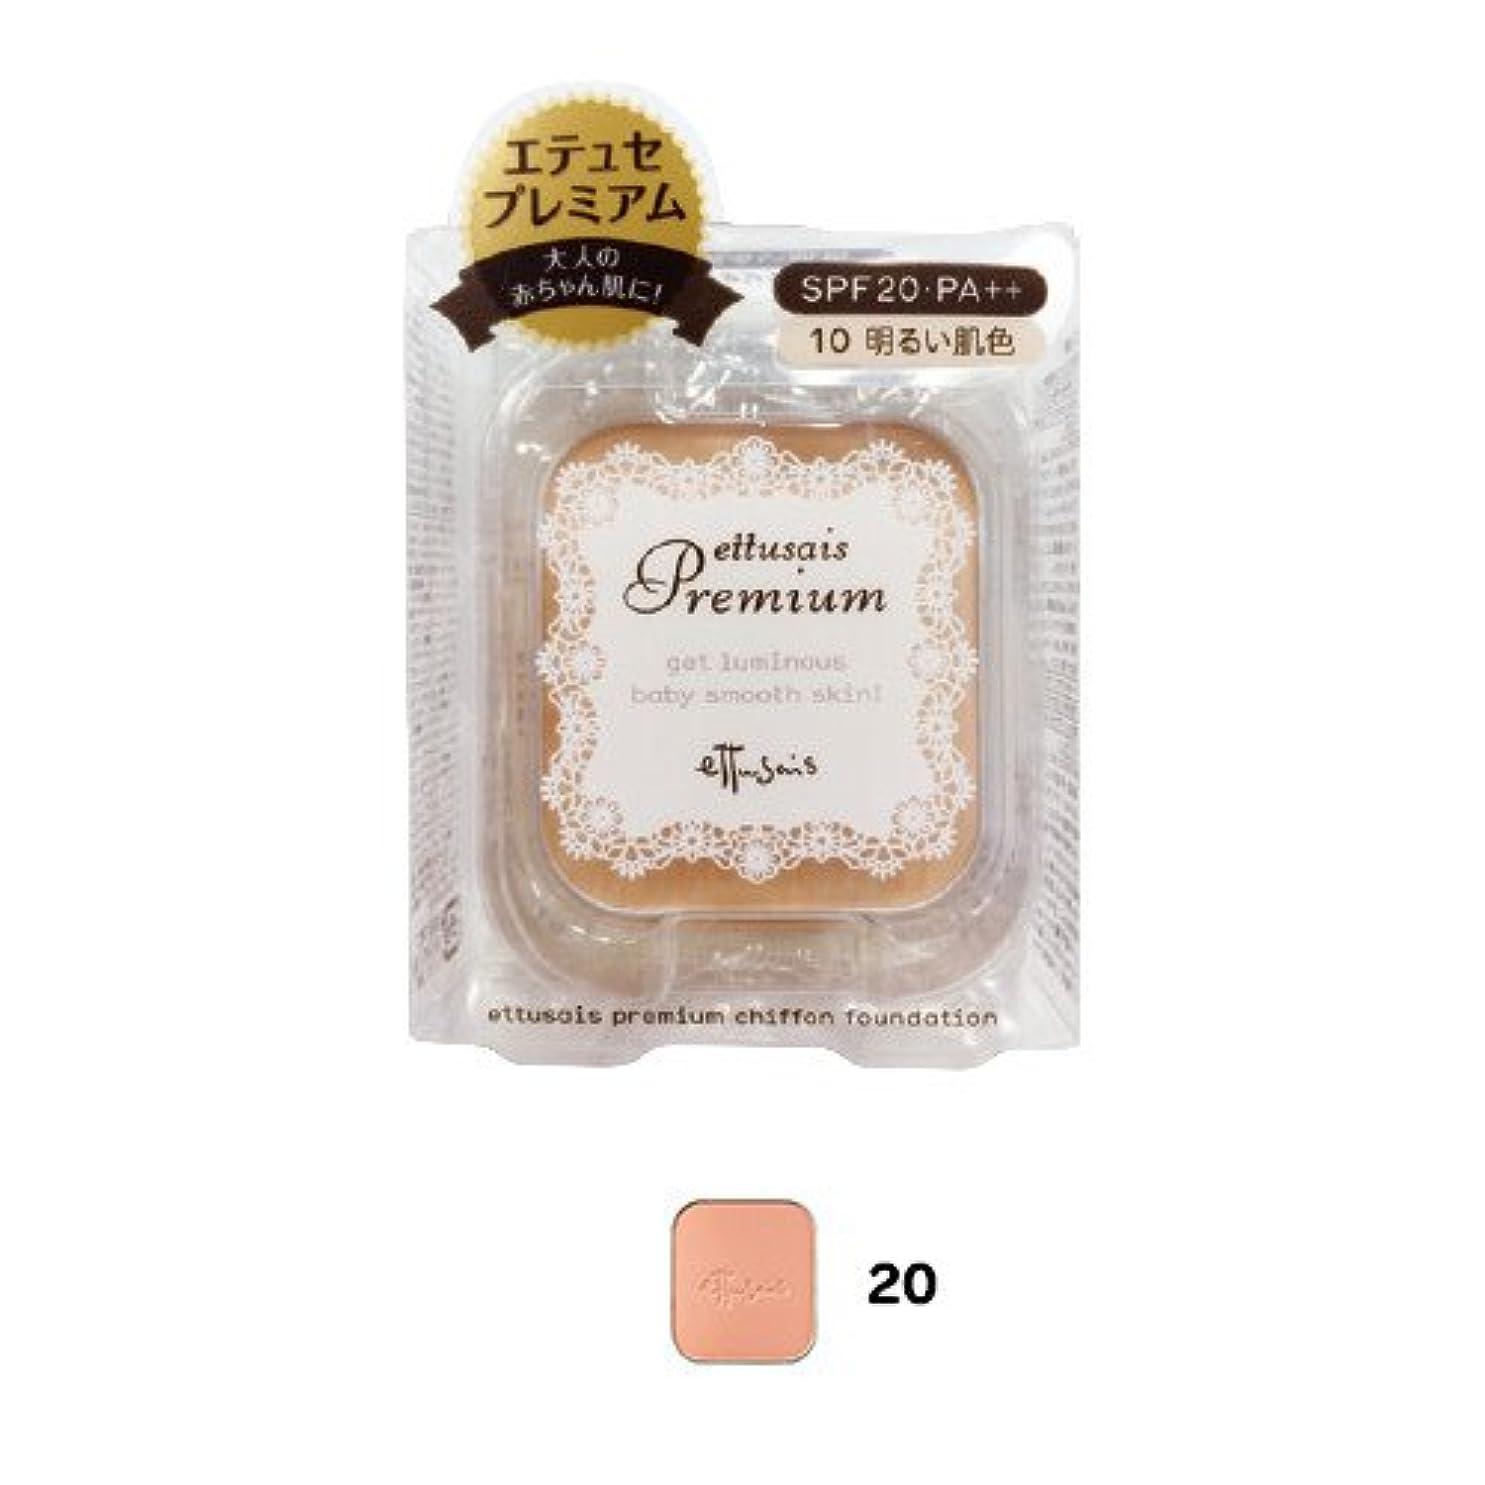 土砂降り小売箱エテュセ プレミアム シフォンファンデーション 20(自然な肌色) レフィル SPF20?PA++ 9g